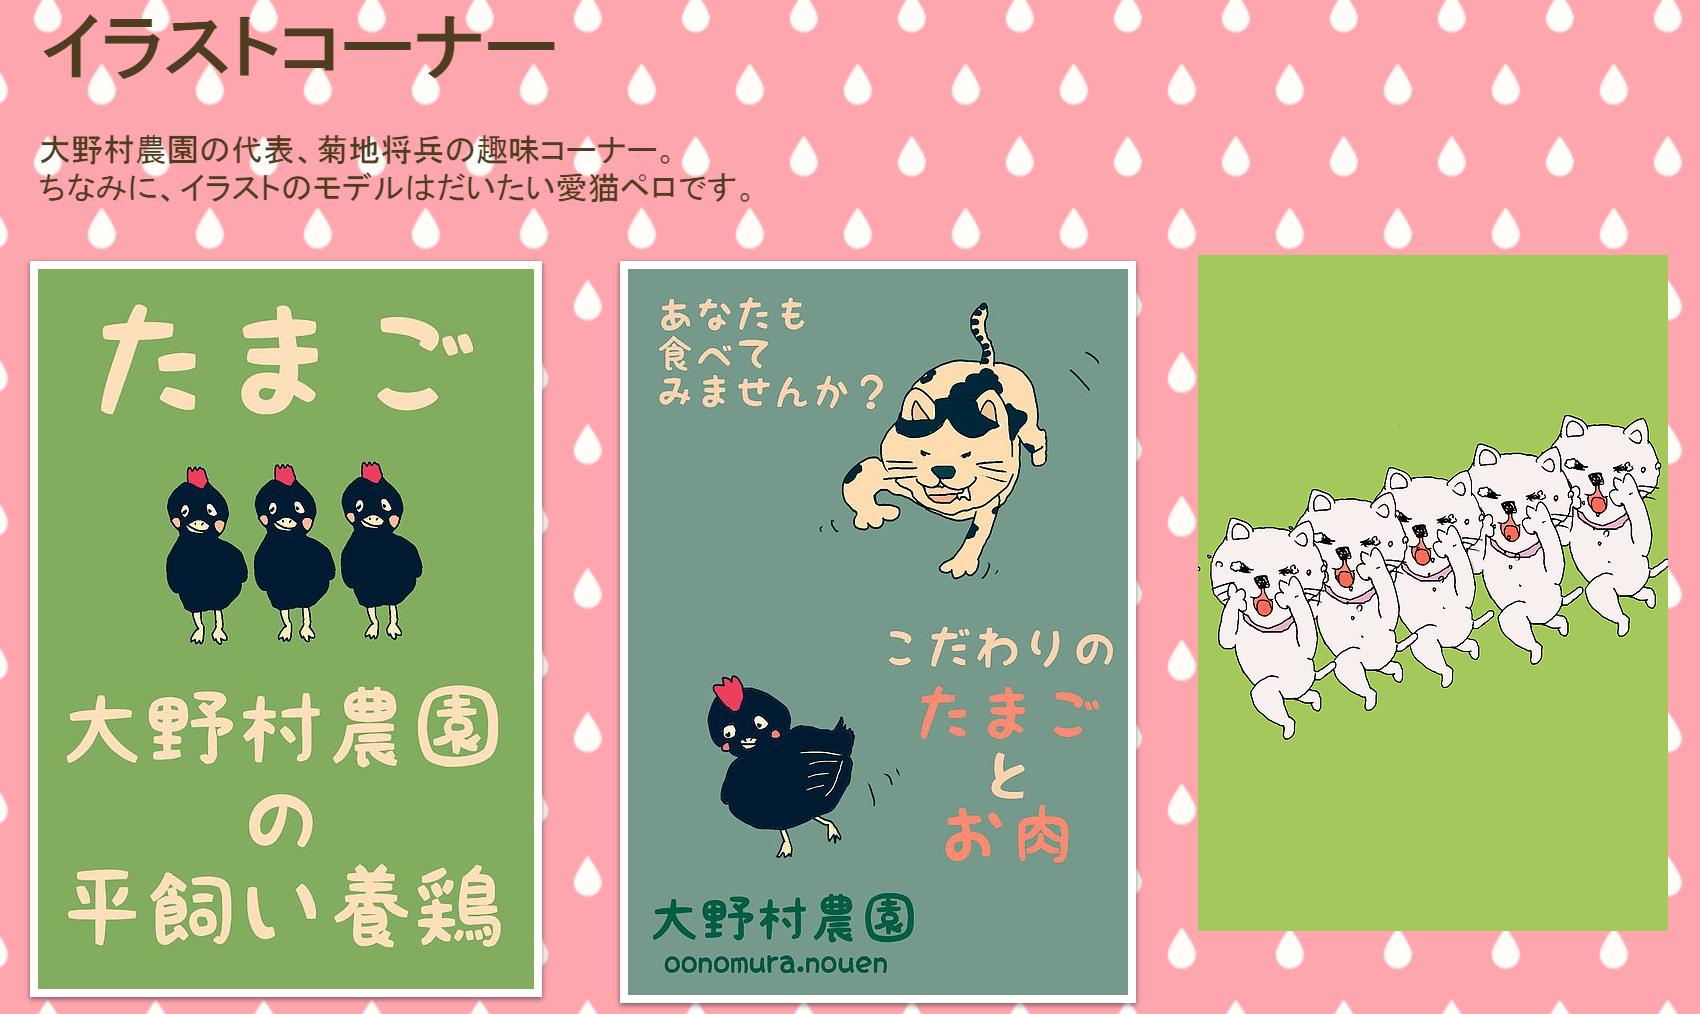 福島県相馬市の大野村農園の代表・菊地将兵さんが描いたイラスト